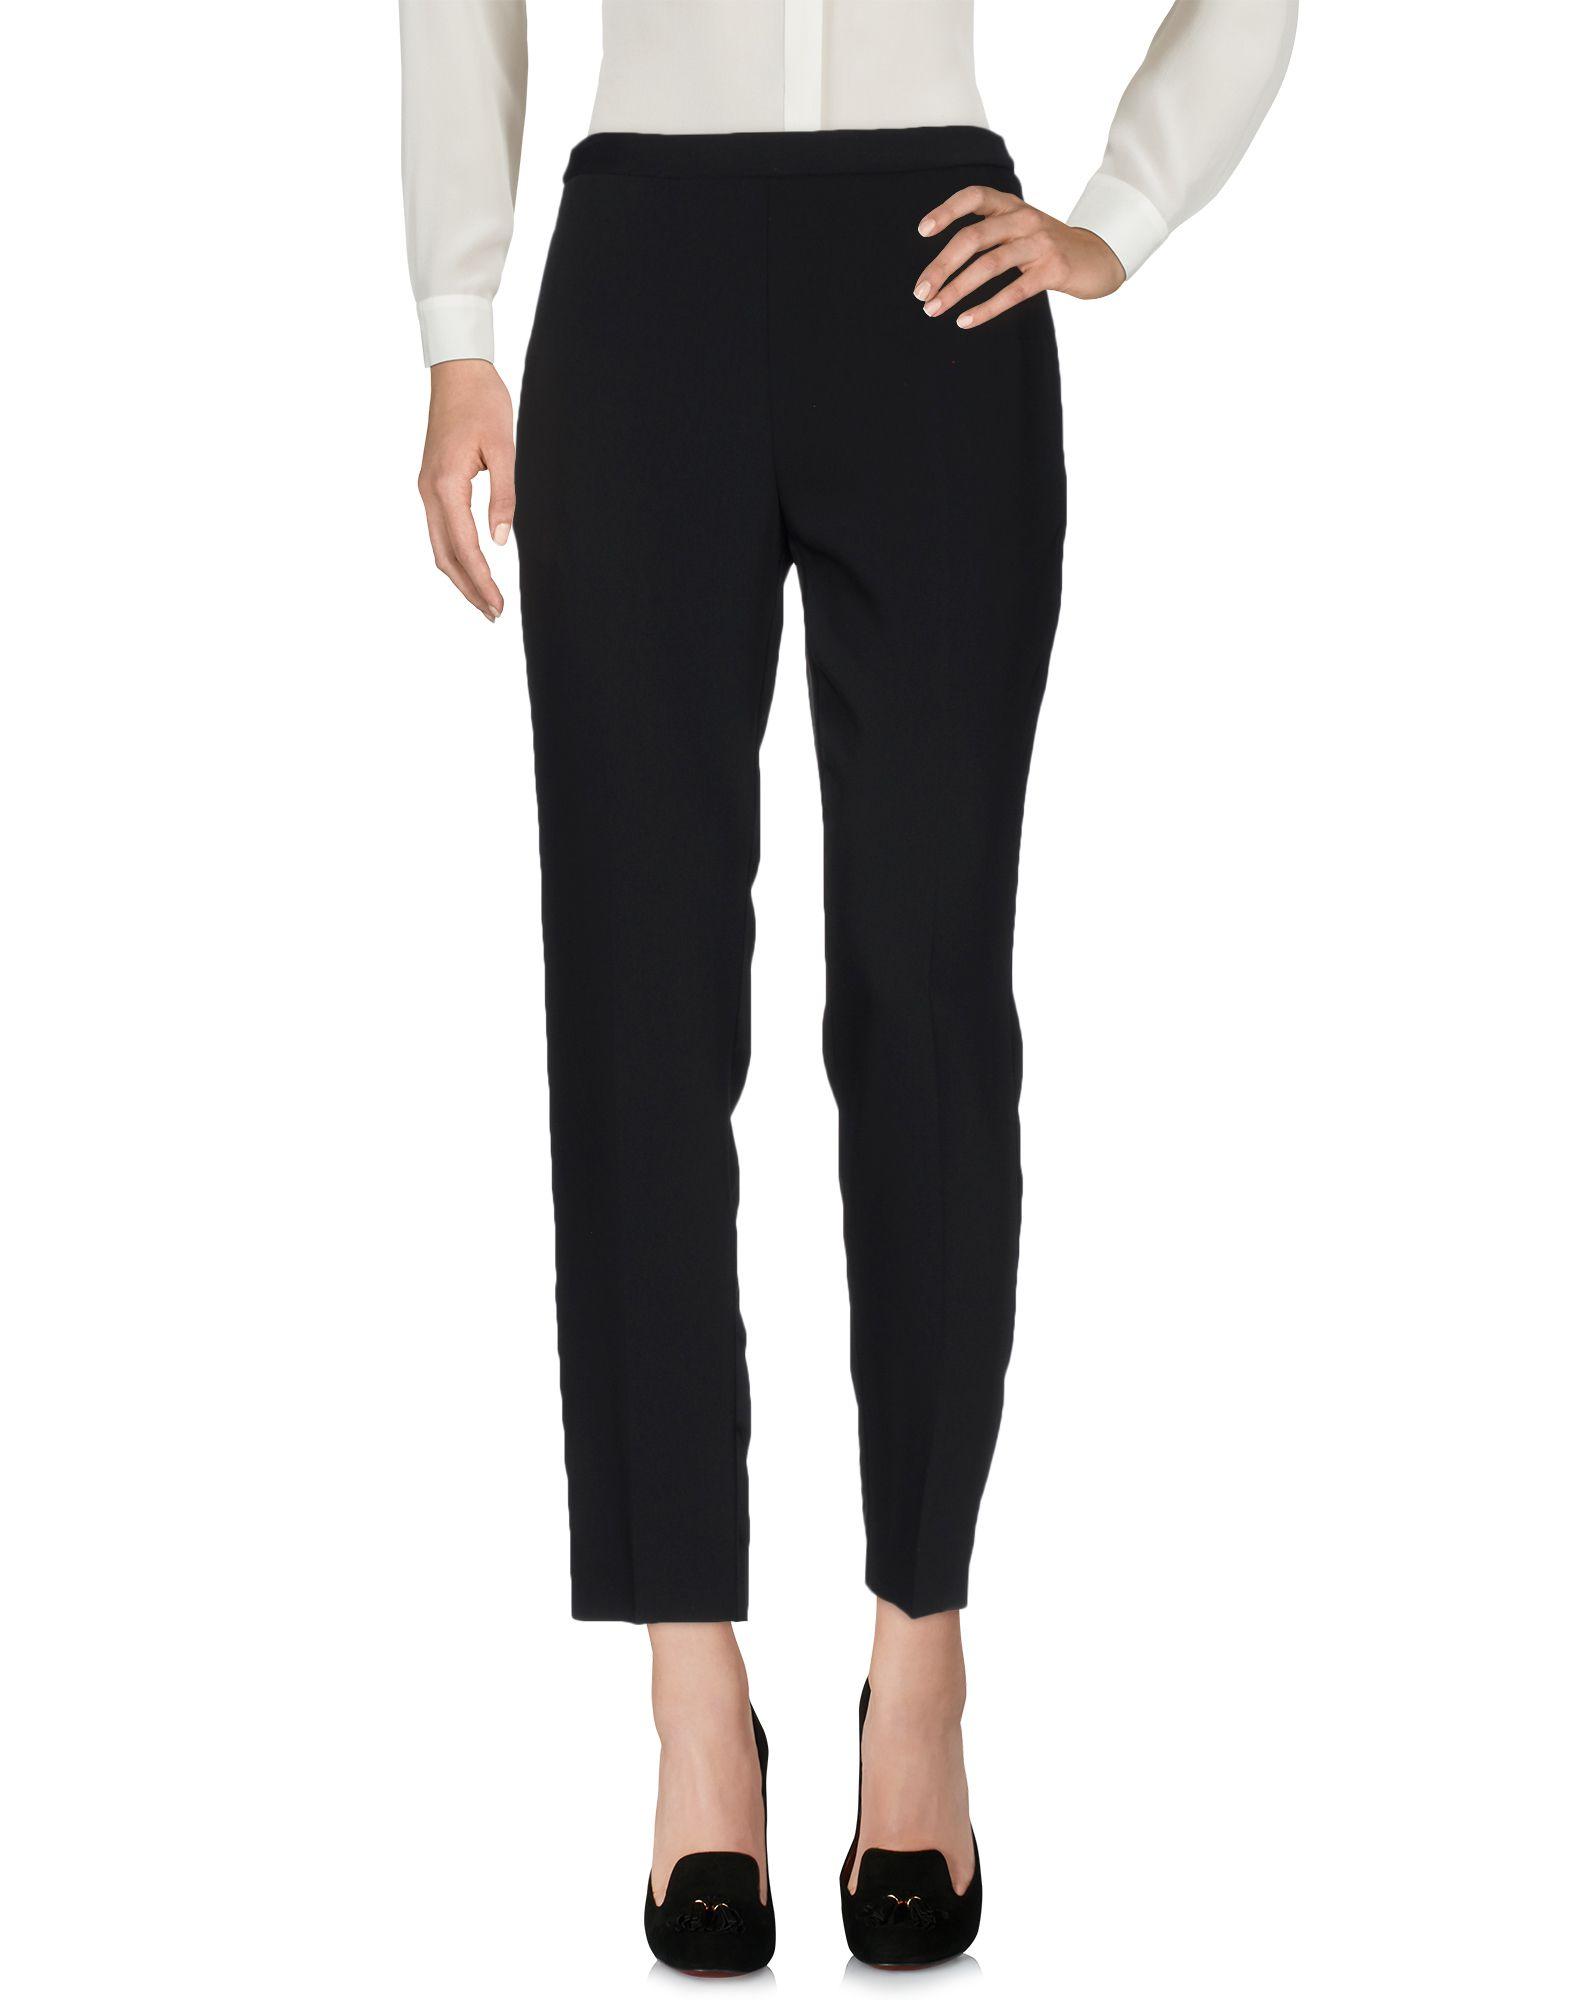 MAISON MARGIELA Damen Hose Farbe Schwarz Größe 4